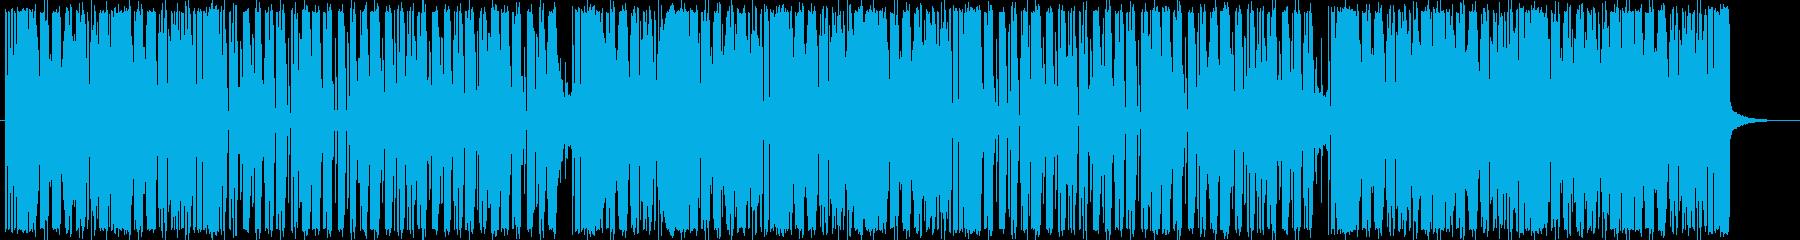 ブルーノマーズ系ニュージャックスウィングの再生済みの波形